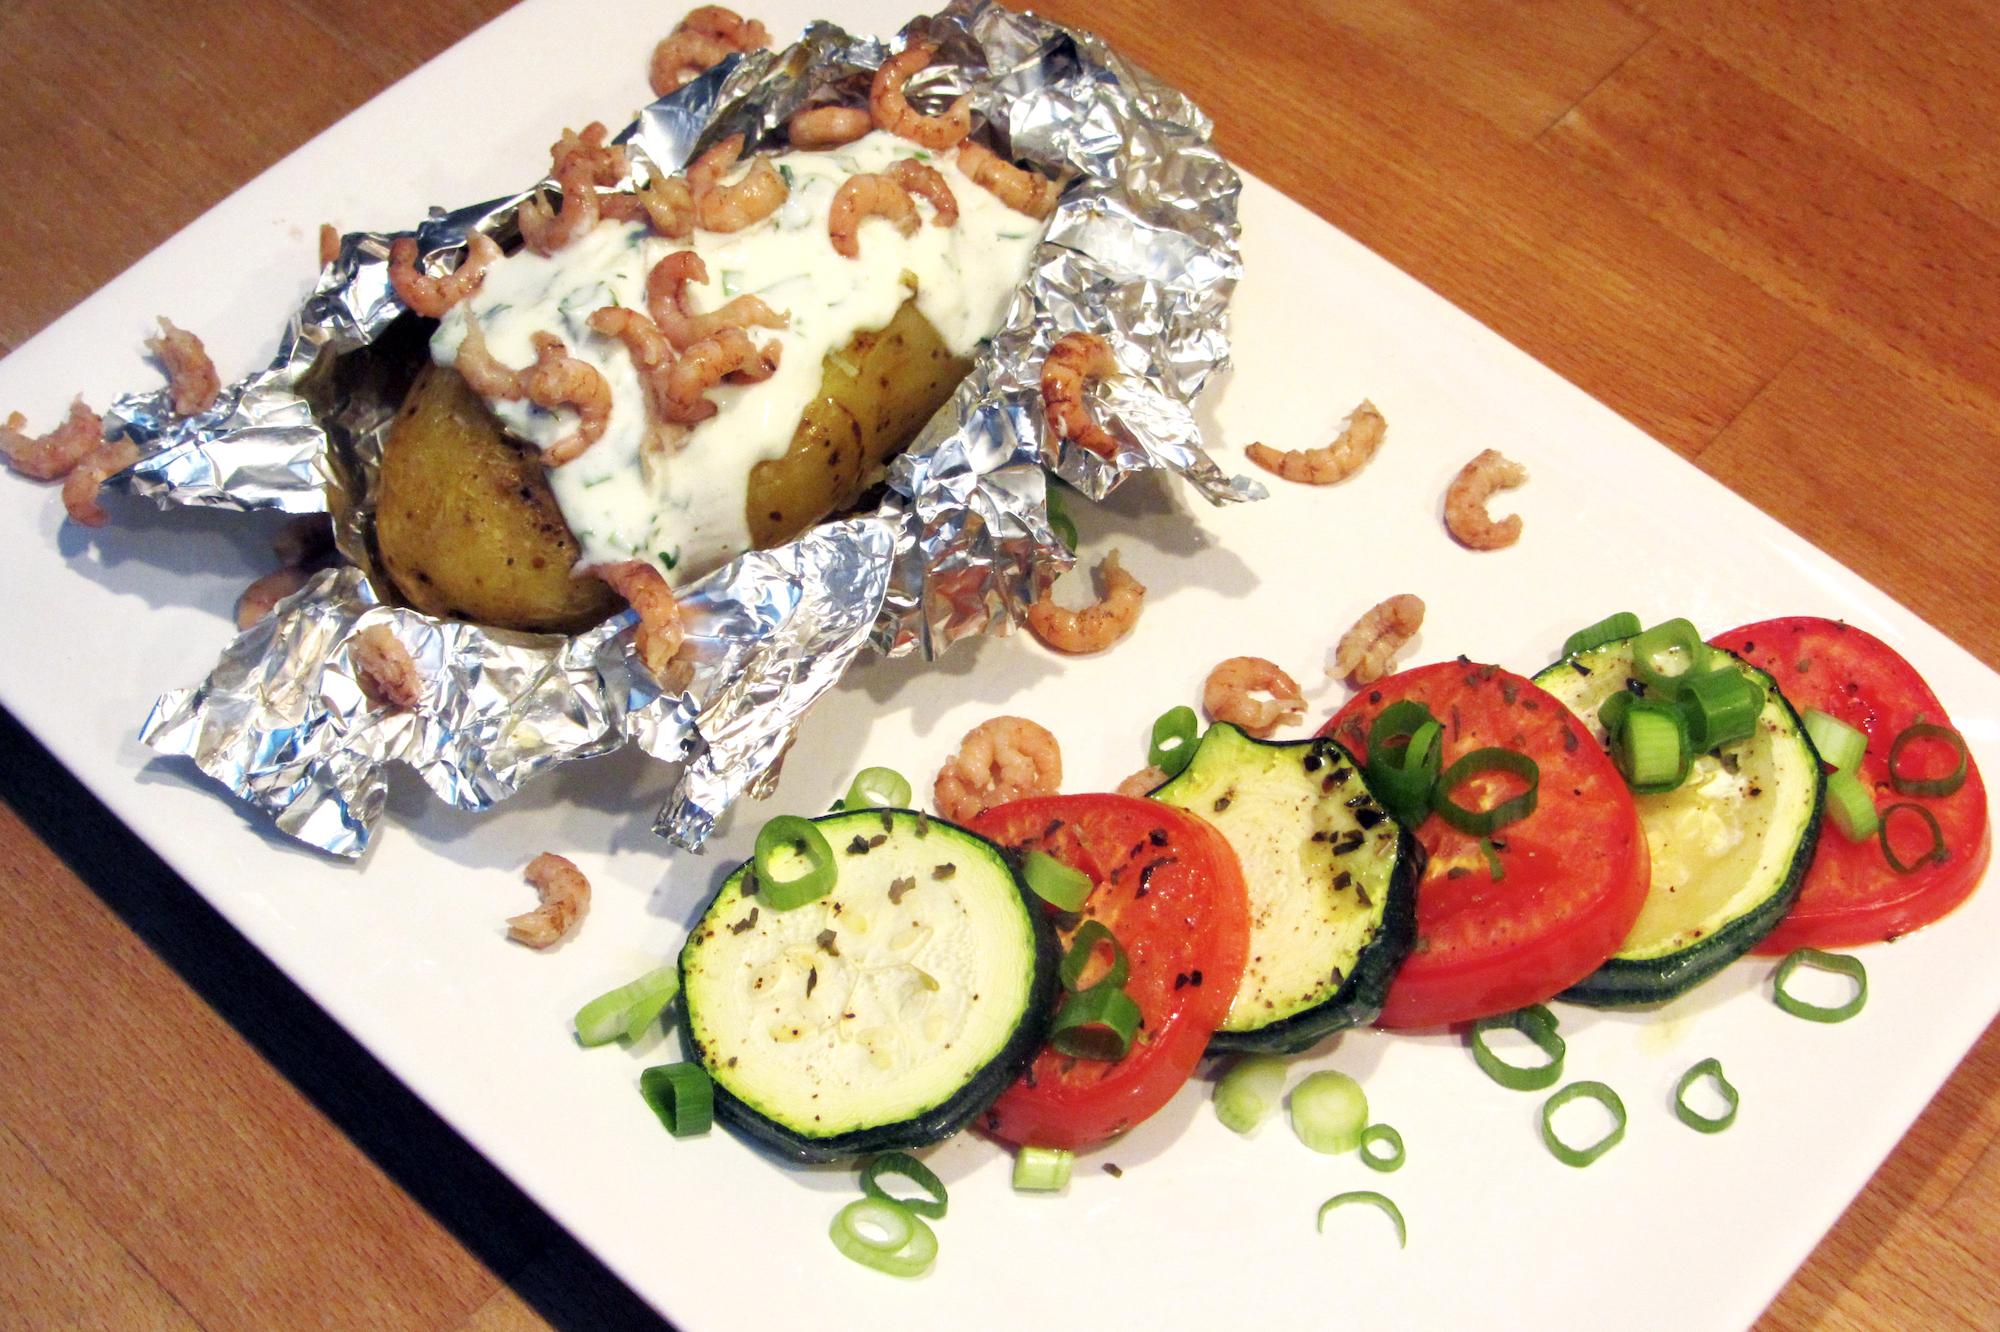 Gepofte aardappel met zure room, grijze garnaaltjes en gegrilde groenten